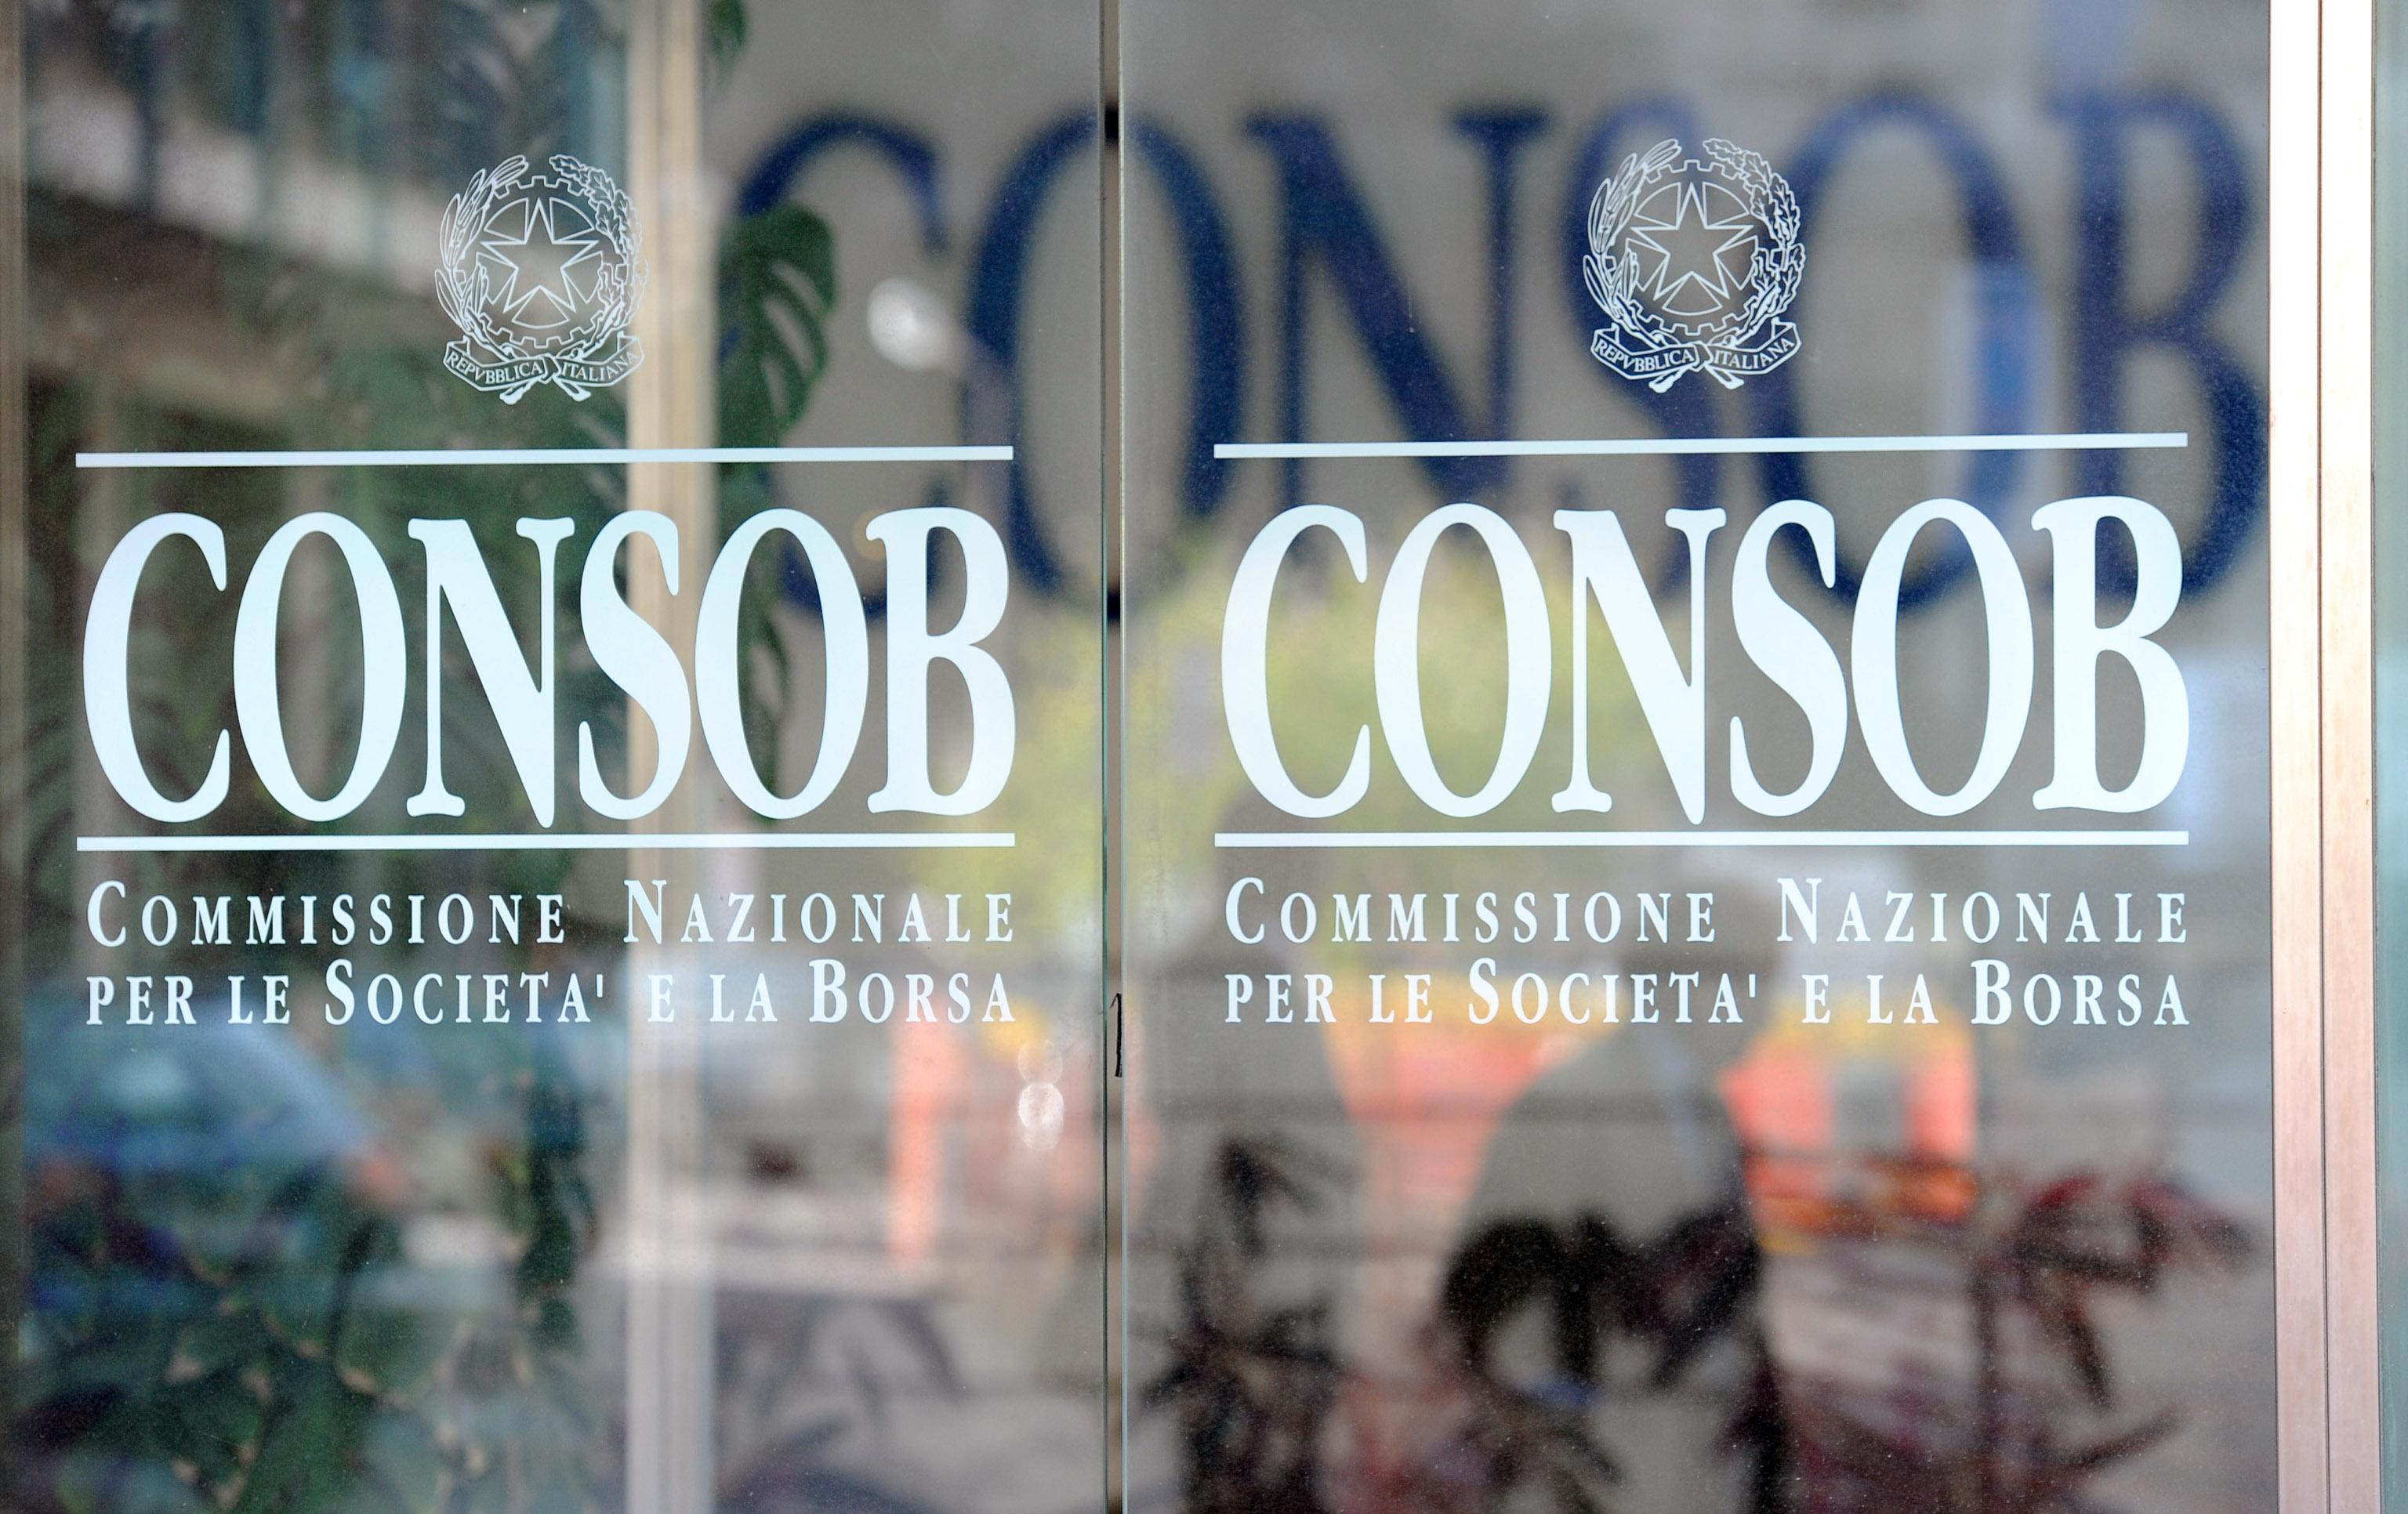 CONSOB sulle attività ICO: un buon inizio, ma un disastroso finale